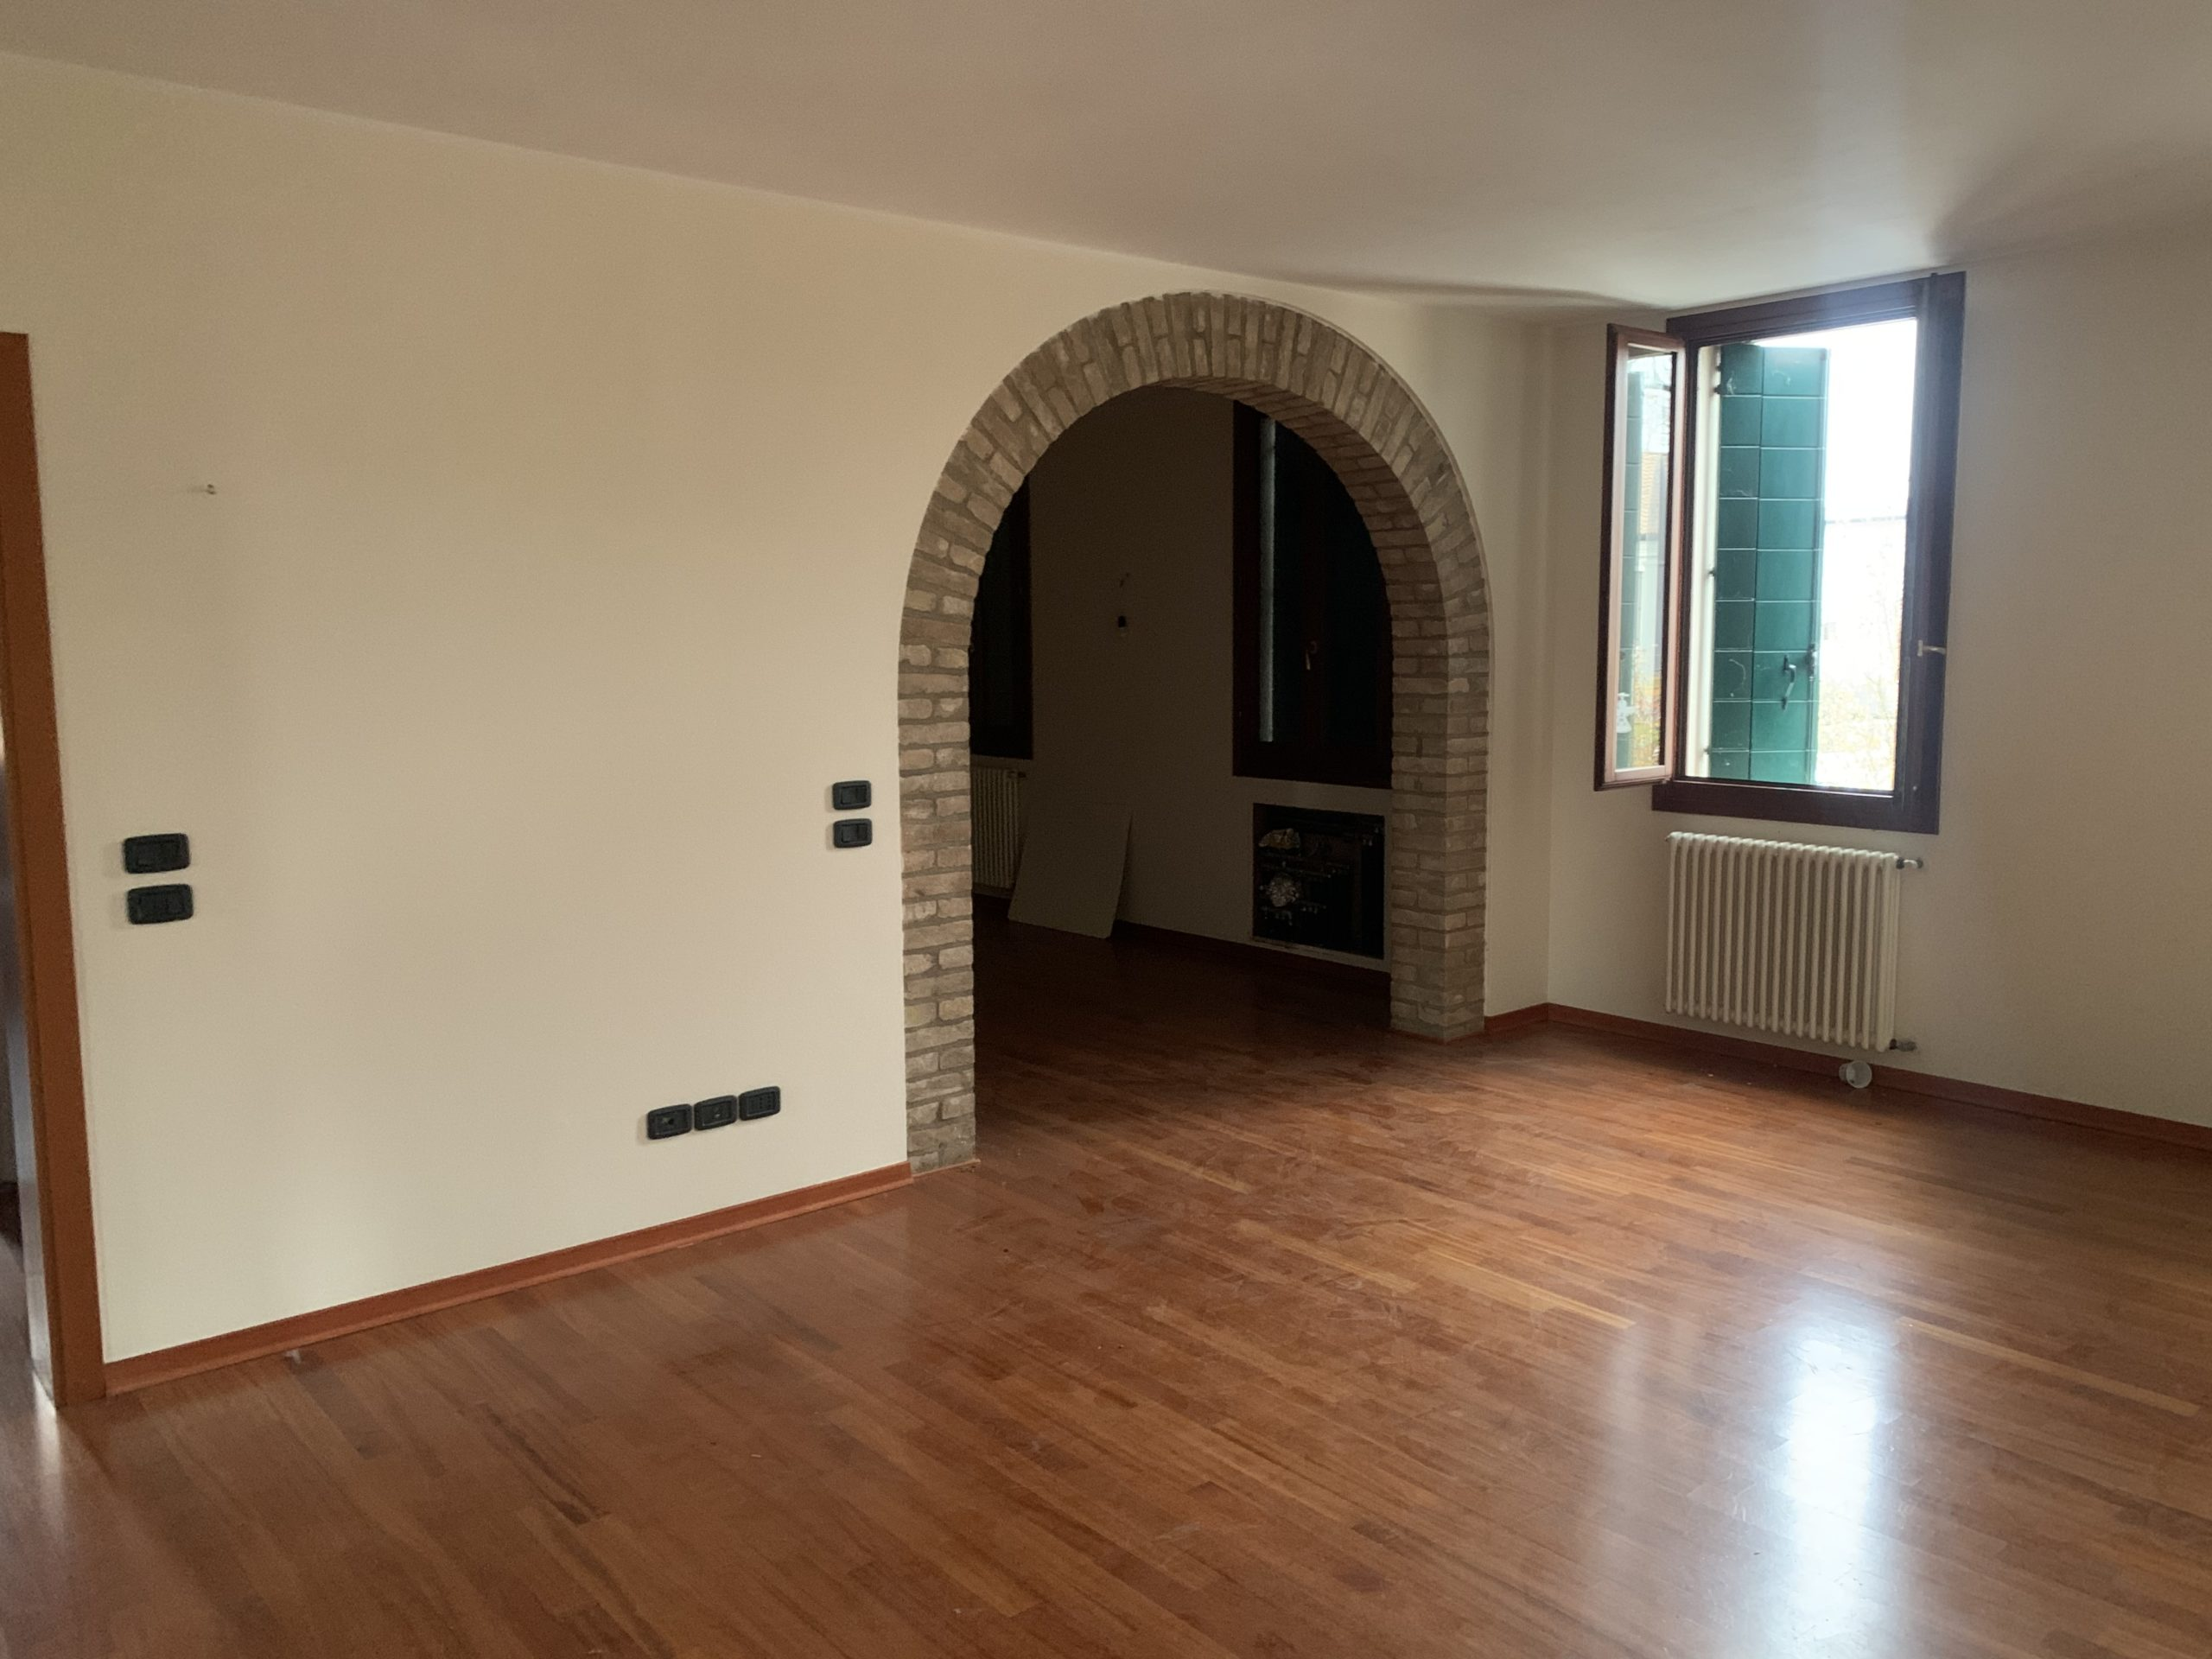 CARPANEDO appartamento dalle ampie metrature, due camere e terrazza abitabile di 30MQ